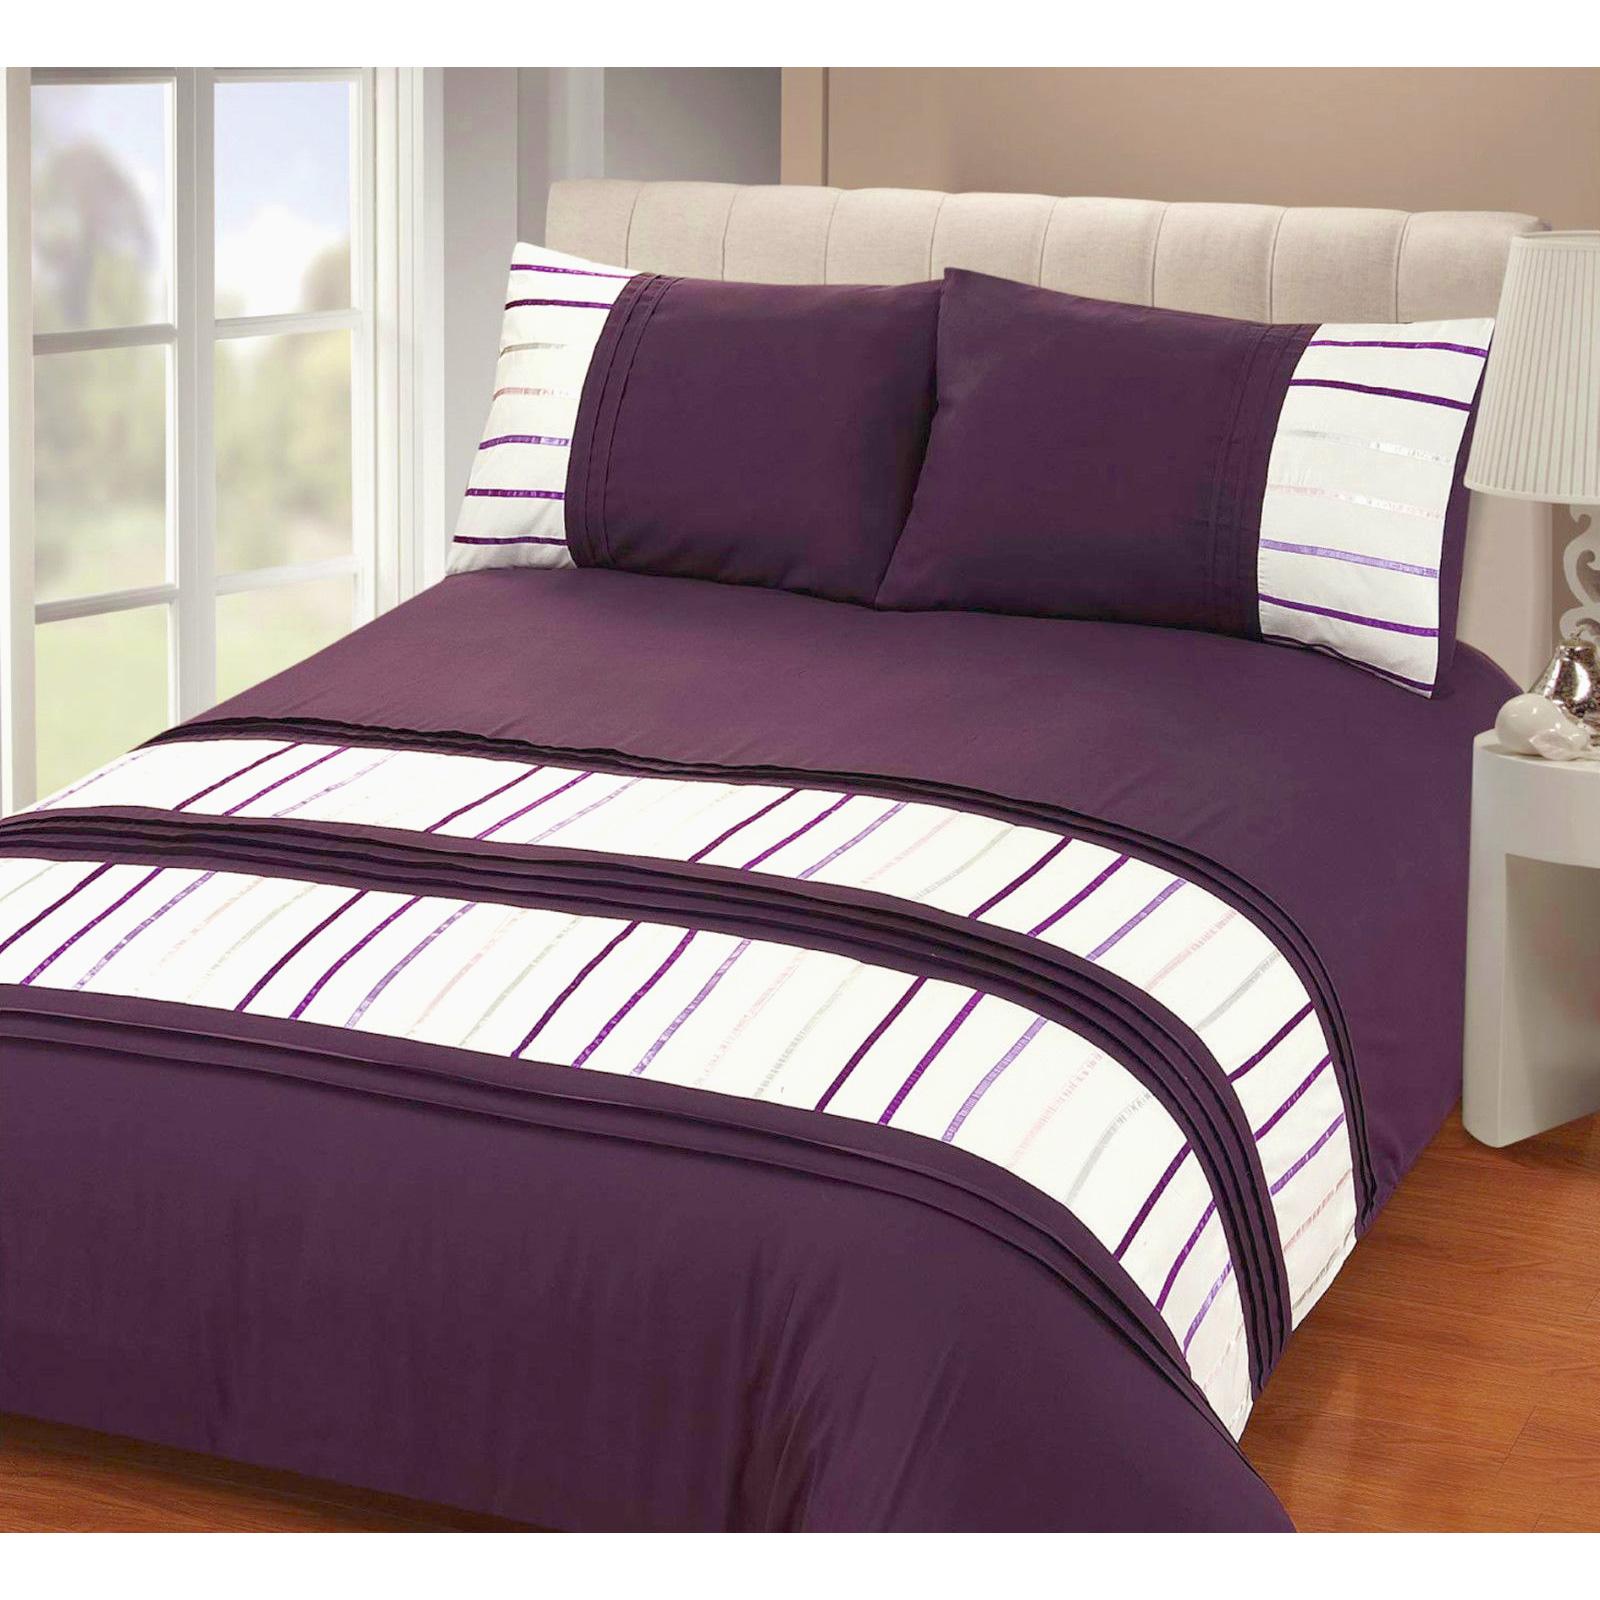 embellished ribbon stripe duvet quilt cover pleated bedding set pillow case ebay. Black Bedroom Furniture Sets. Home Design Ideas